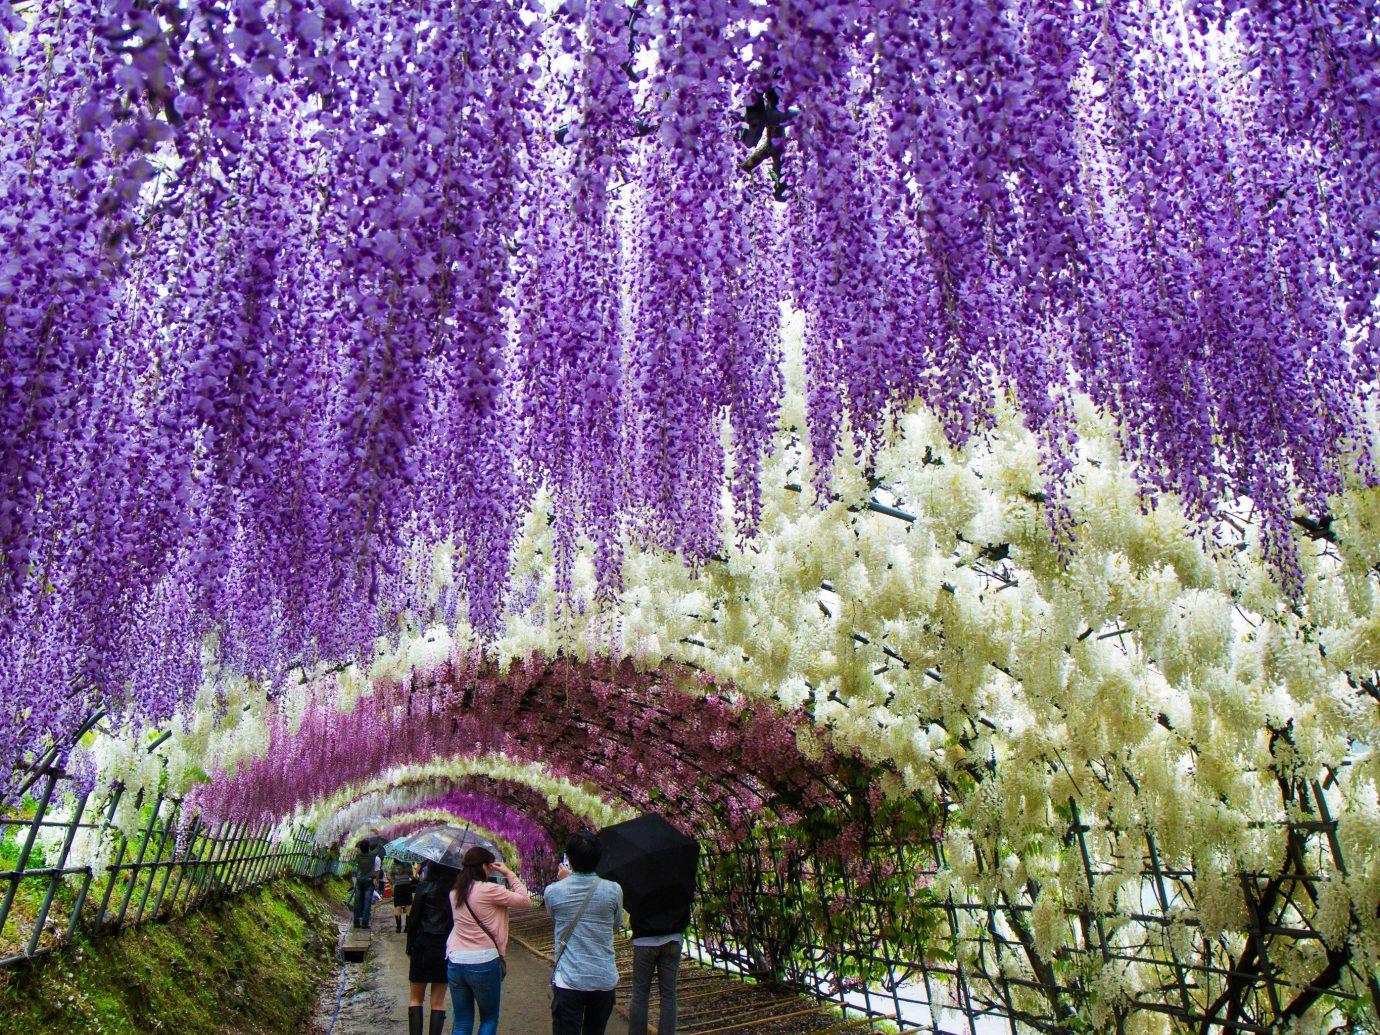 Offbeat flower lavender plant flora botany english lavender land plant flowering plant blossom shrub